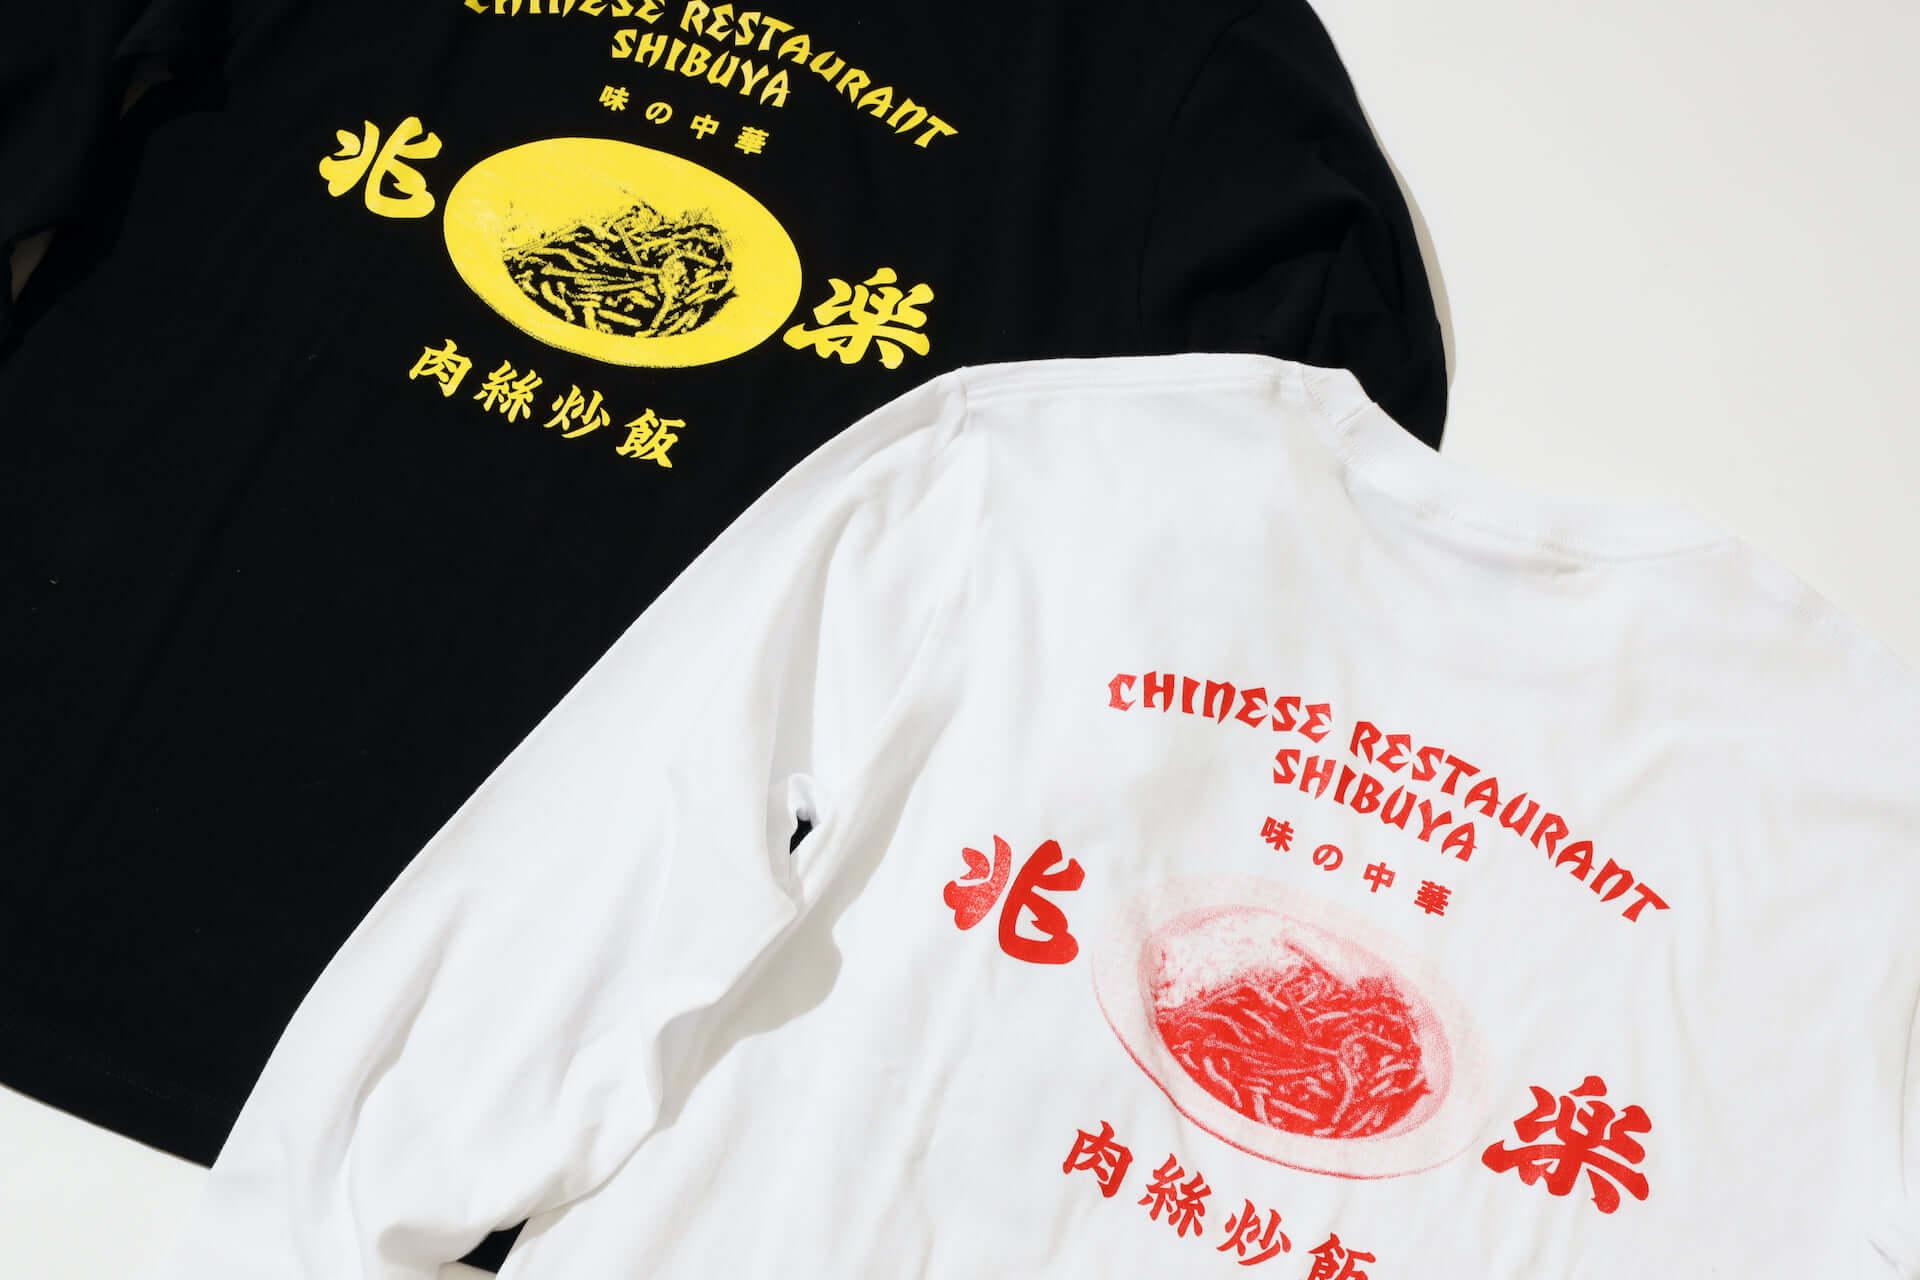 渋谷の街中華・兆楽とJOURNAL STANDARDがコラボ!Tシャツやキャップ、エコバッグが受注販売開始 lf210205_choraku-journalstandard_1-1920x1280